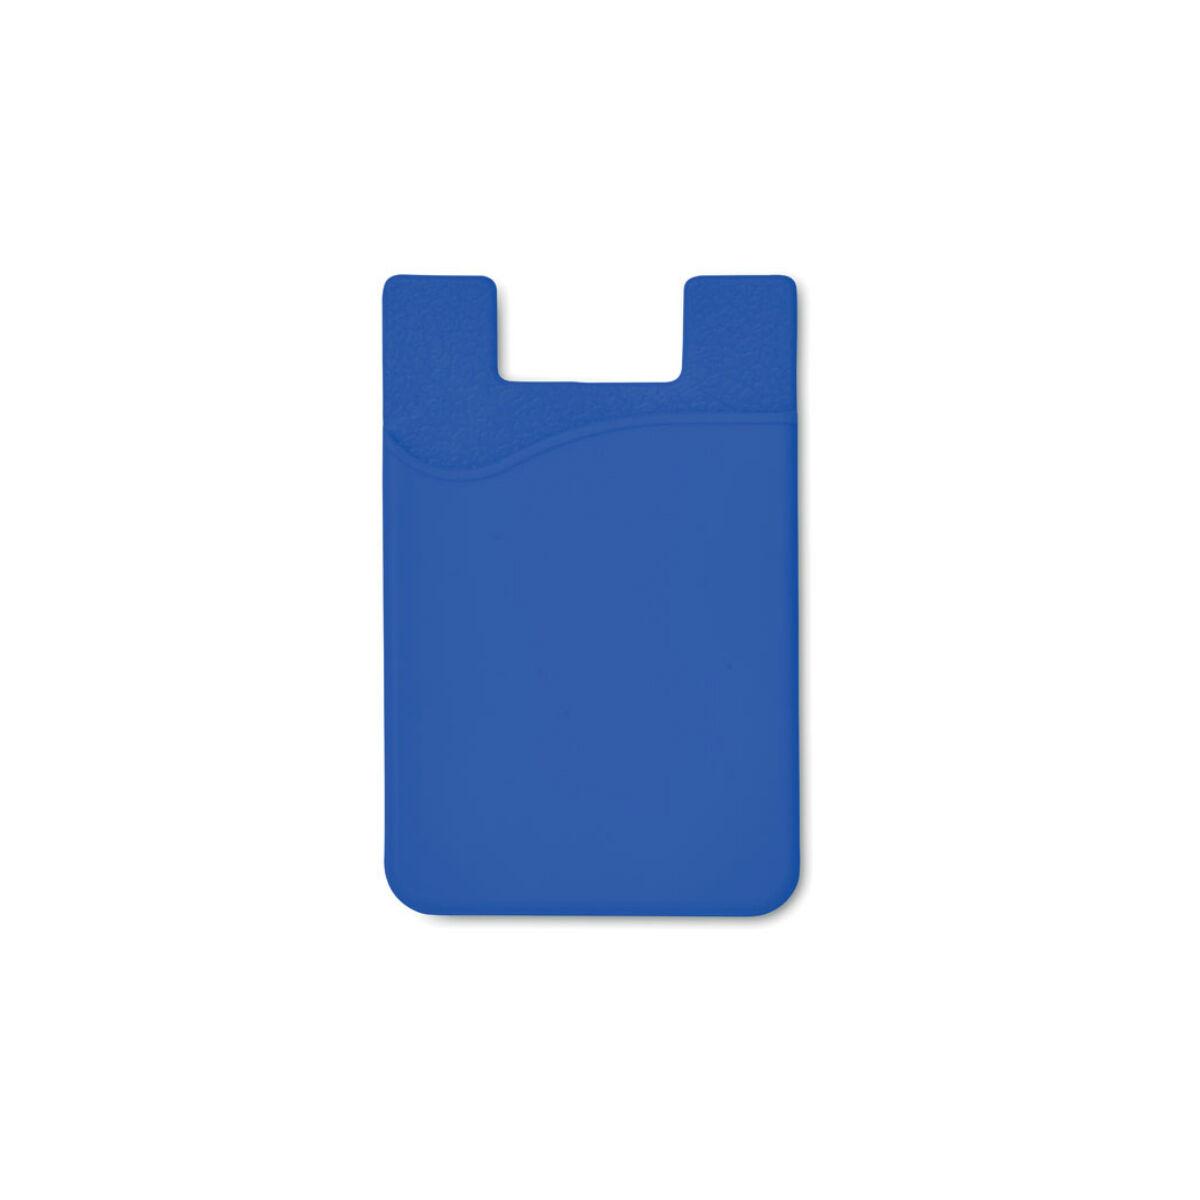 Smartphone Cardholder (Blue)